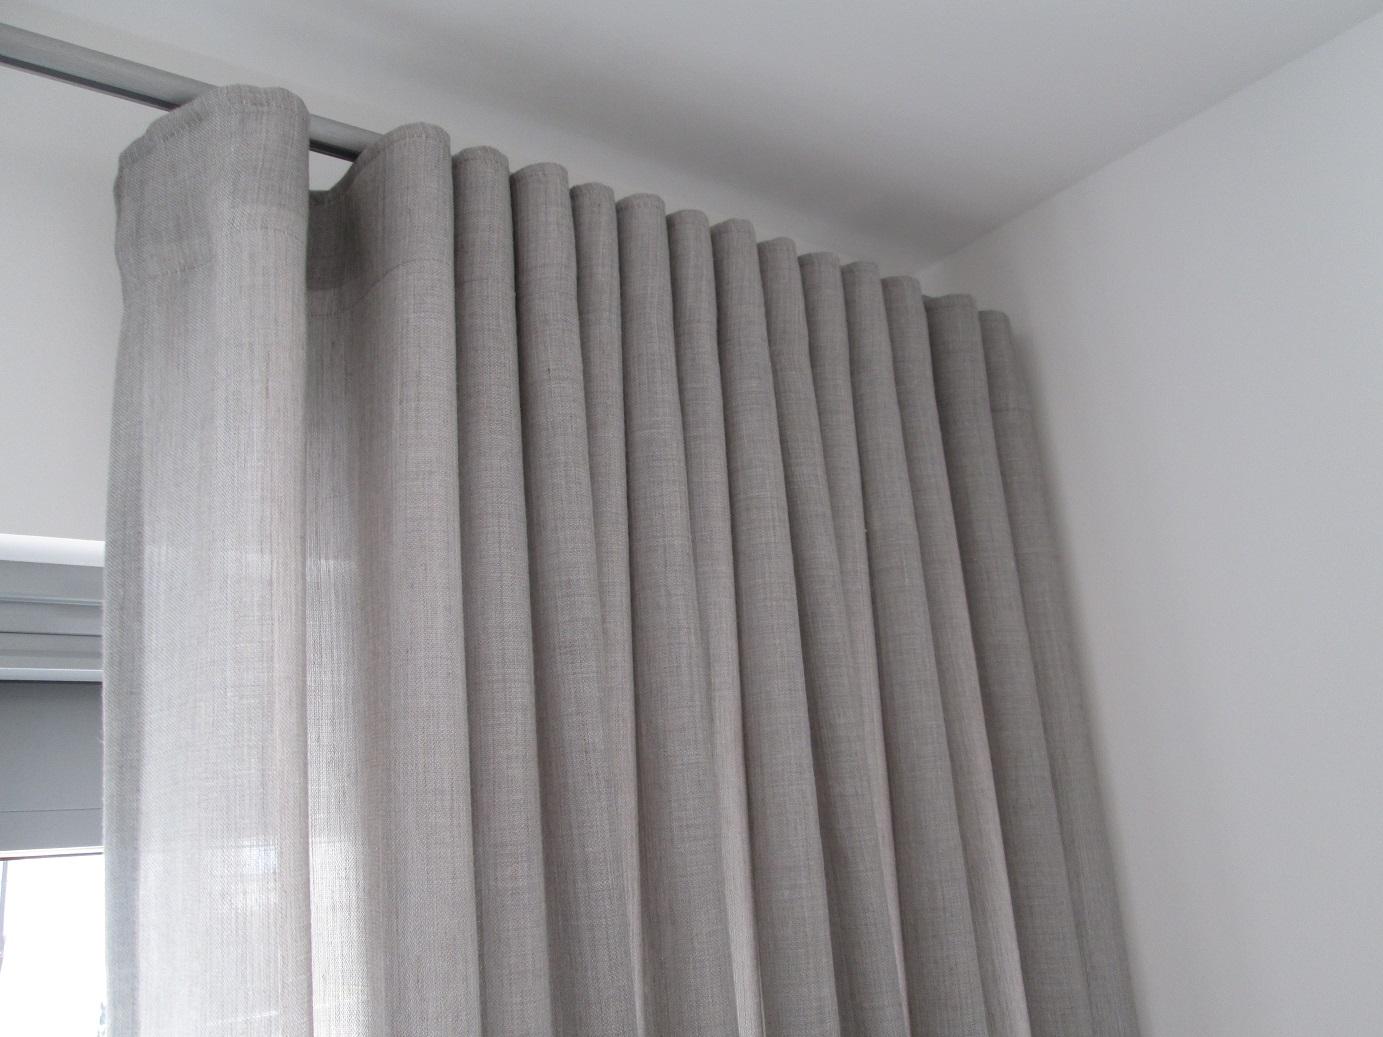 moderne fensterdeko mit wellenfaltenband tuchf hlung ihr raumausstatter oberursel. Black Bedroom Furniture Sets. Home Design Ideas